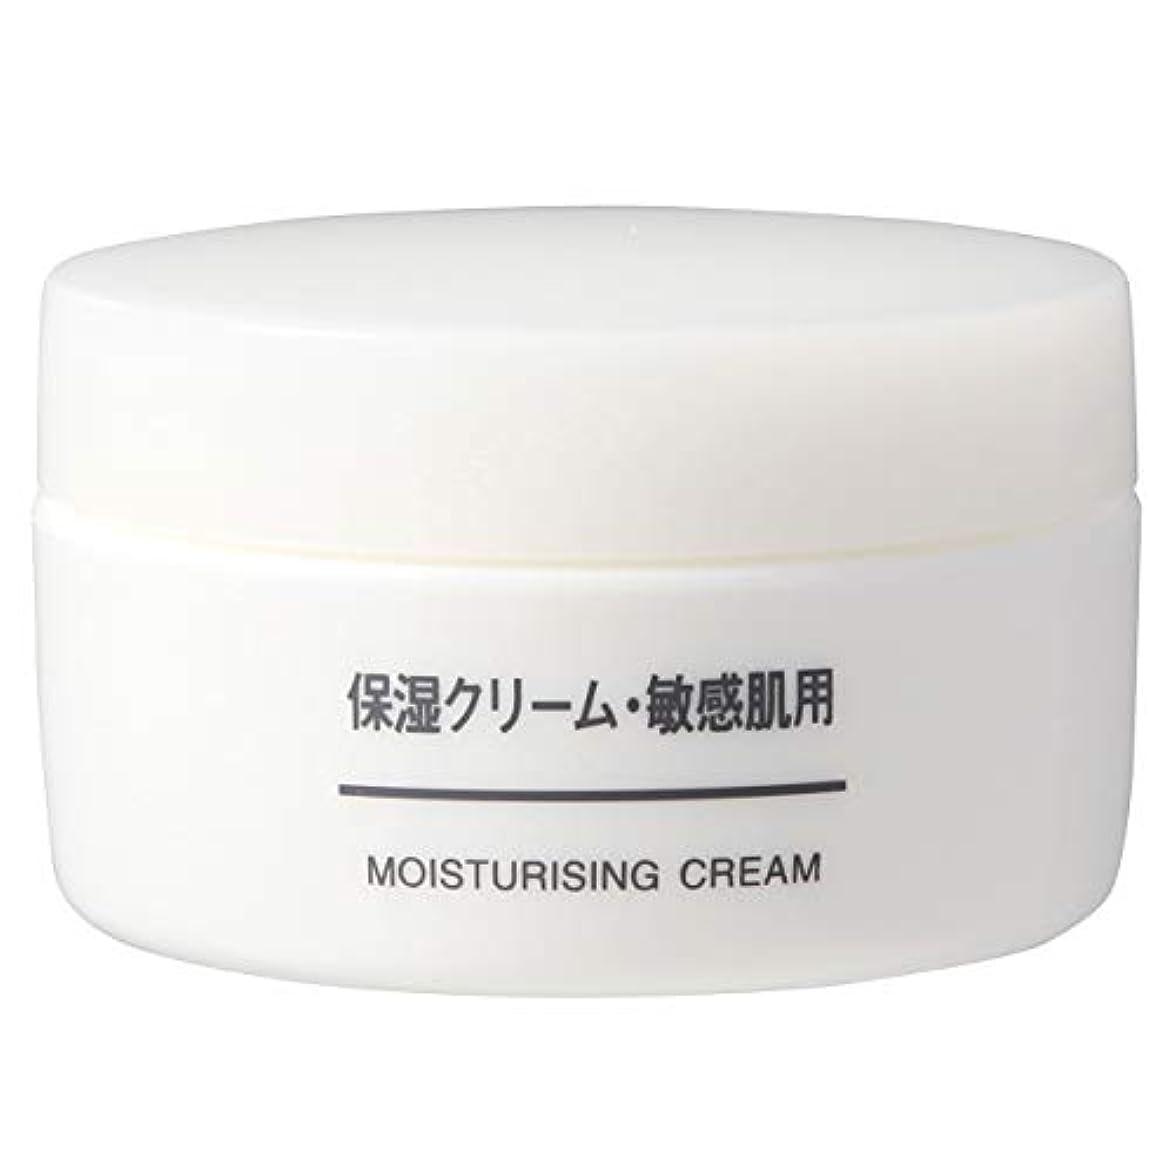 流行通訳クアッガ無印良品 保湿クリーム 敏感肌用 50g